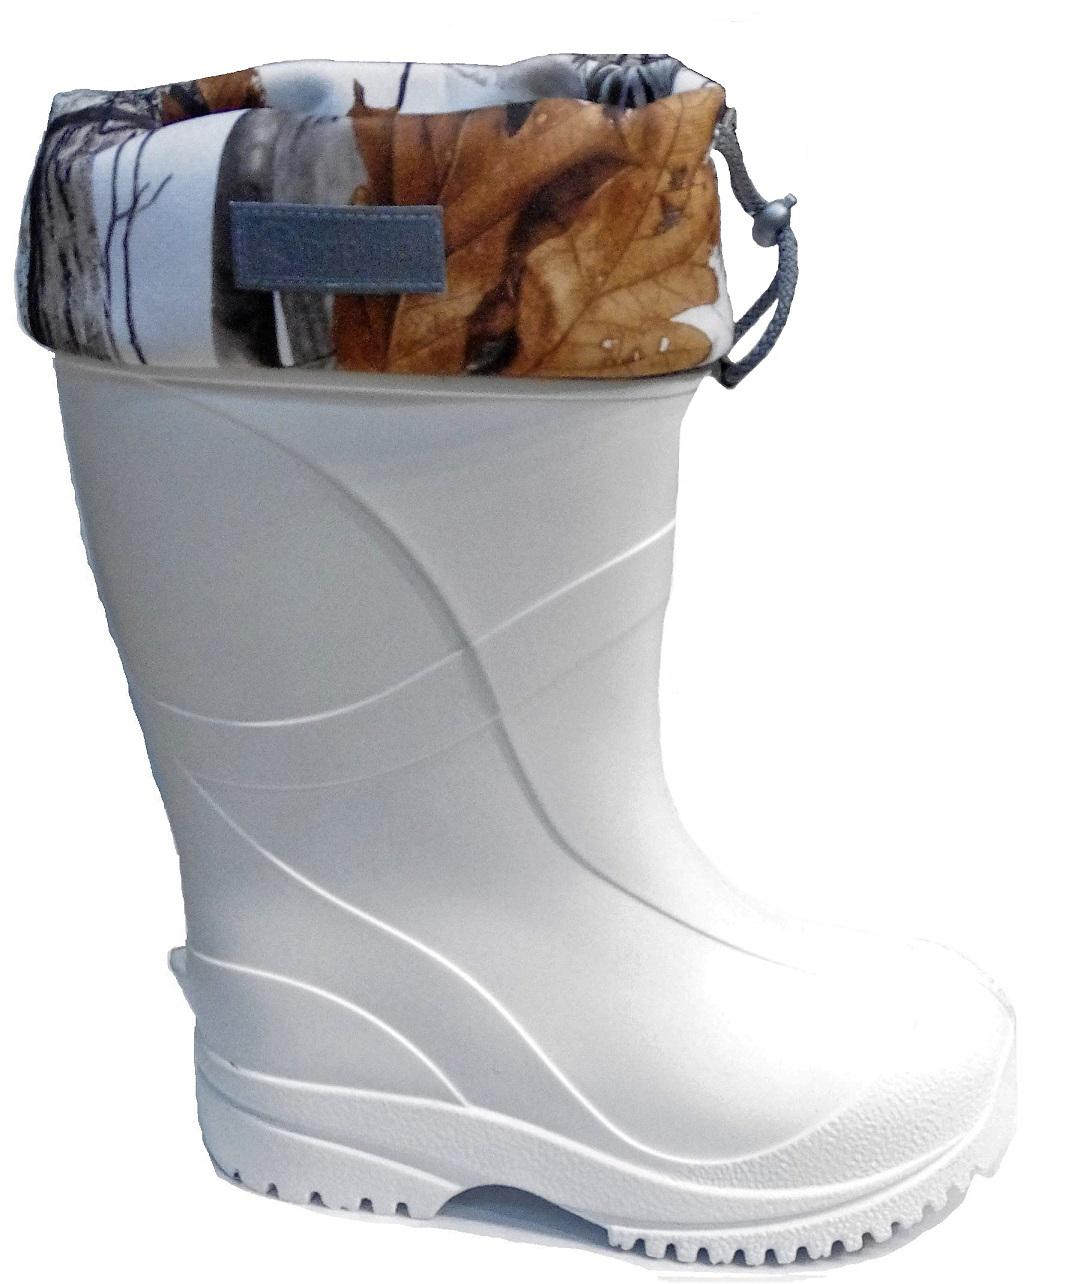 Сапоги зимние мужские Дарина Иваныч, цвет: белый. Размер 45-46. УТ000026873